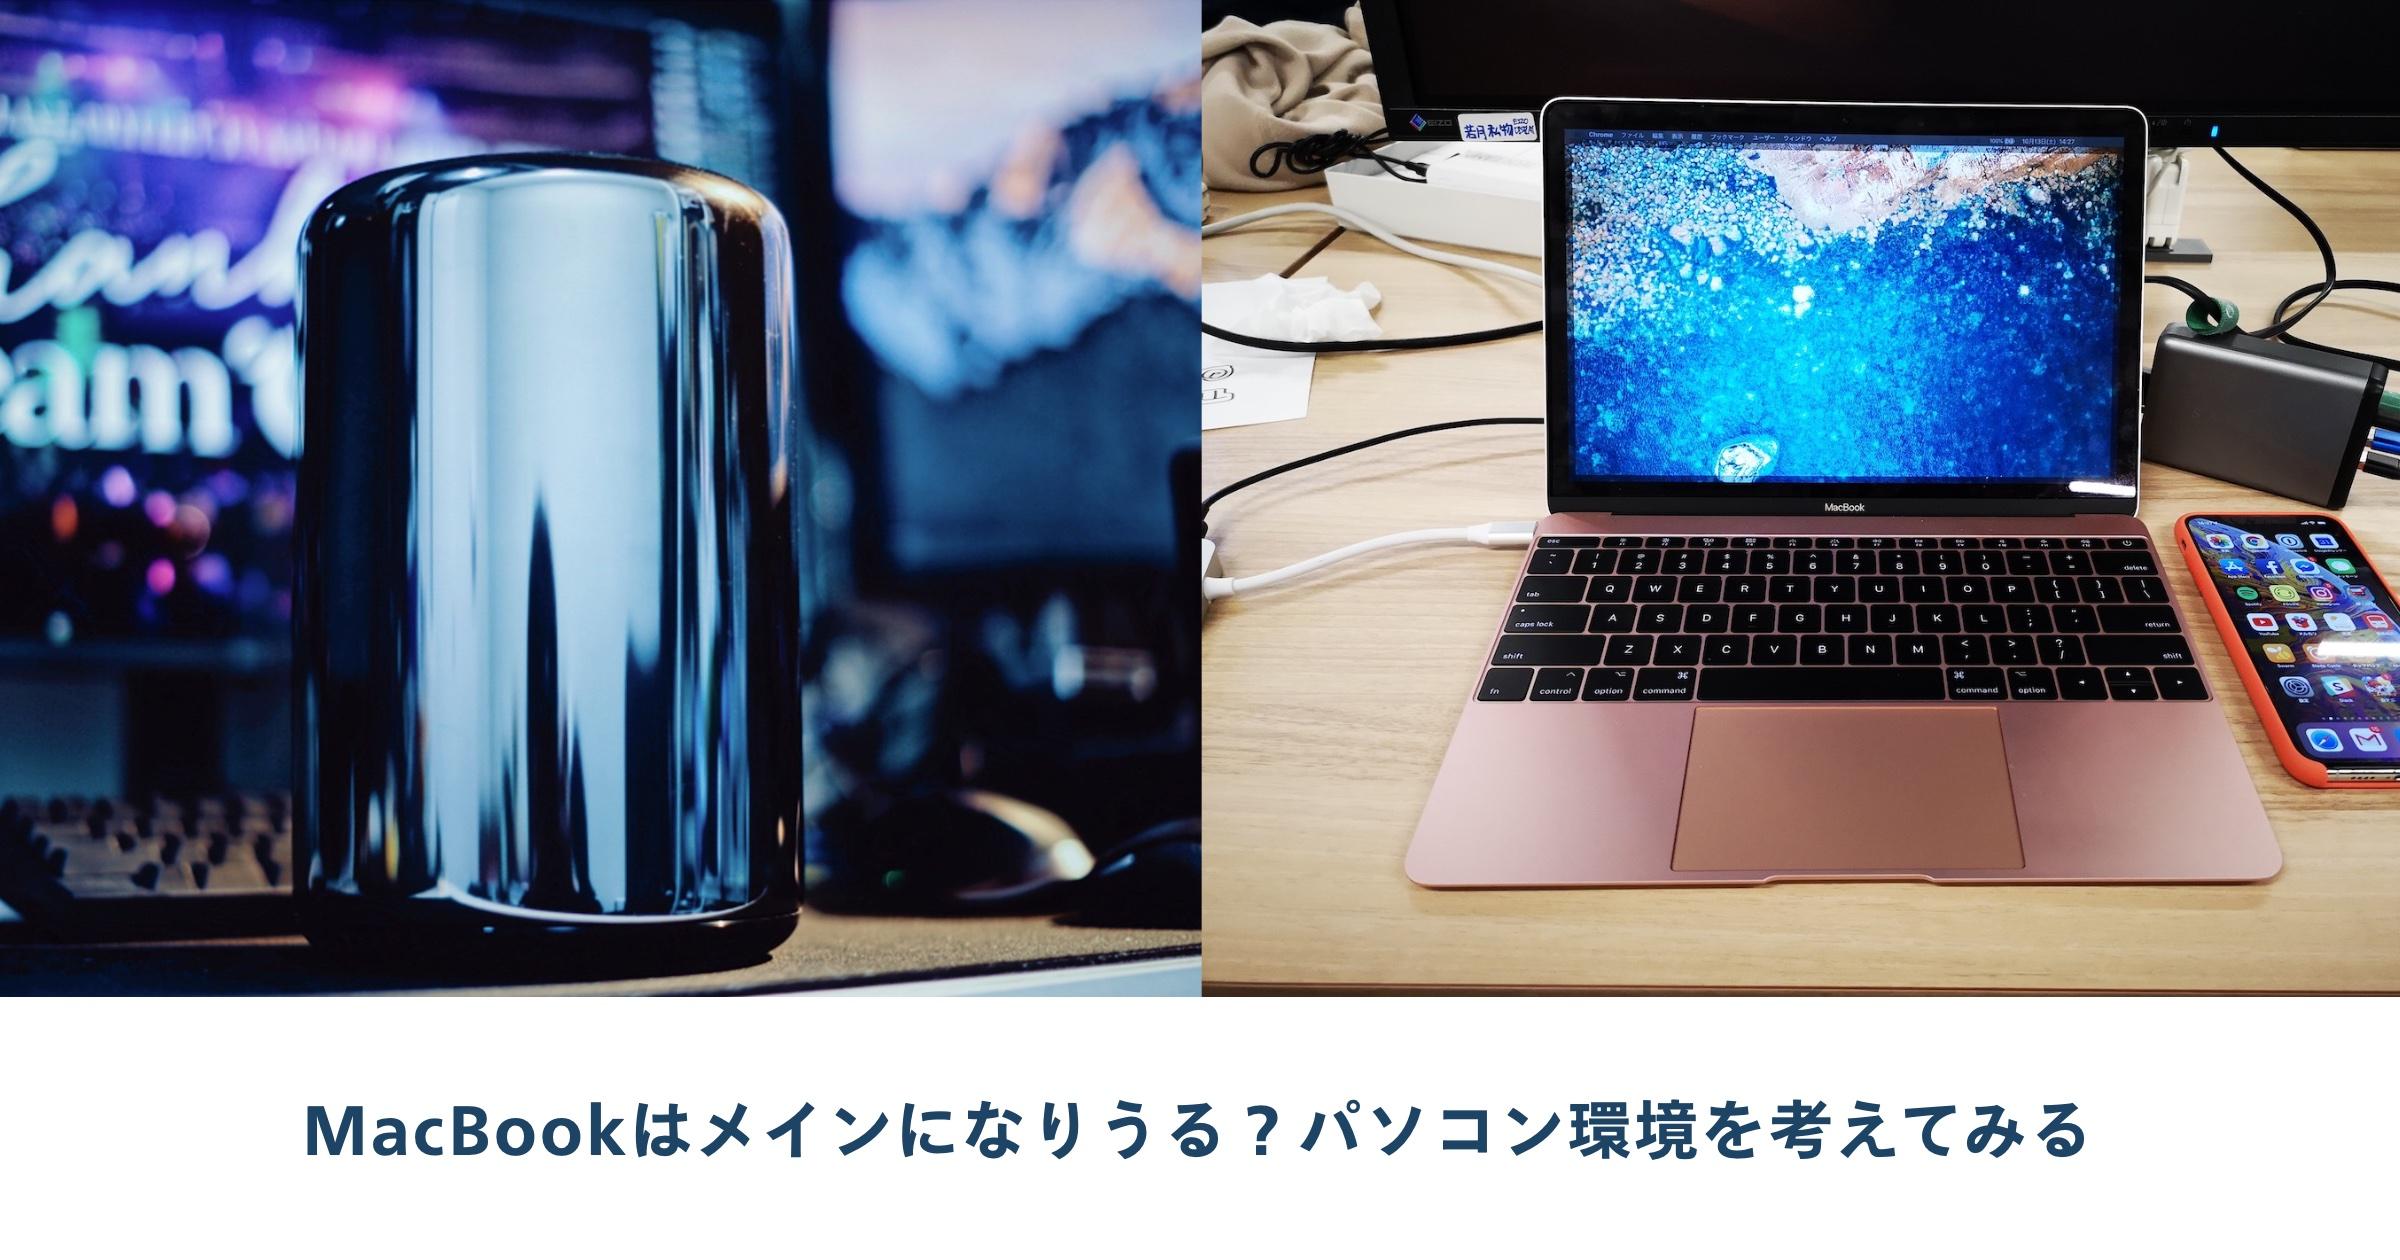 MacBookはメインになりうる?パソコン環境を考えてみる